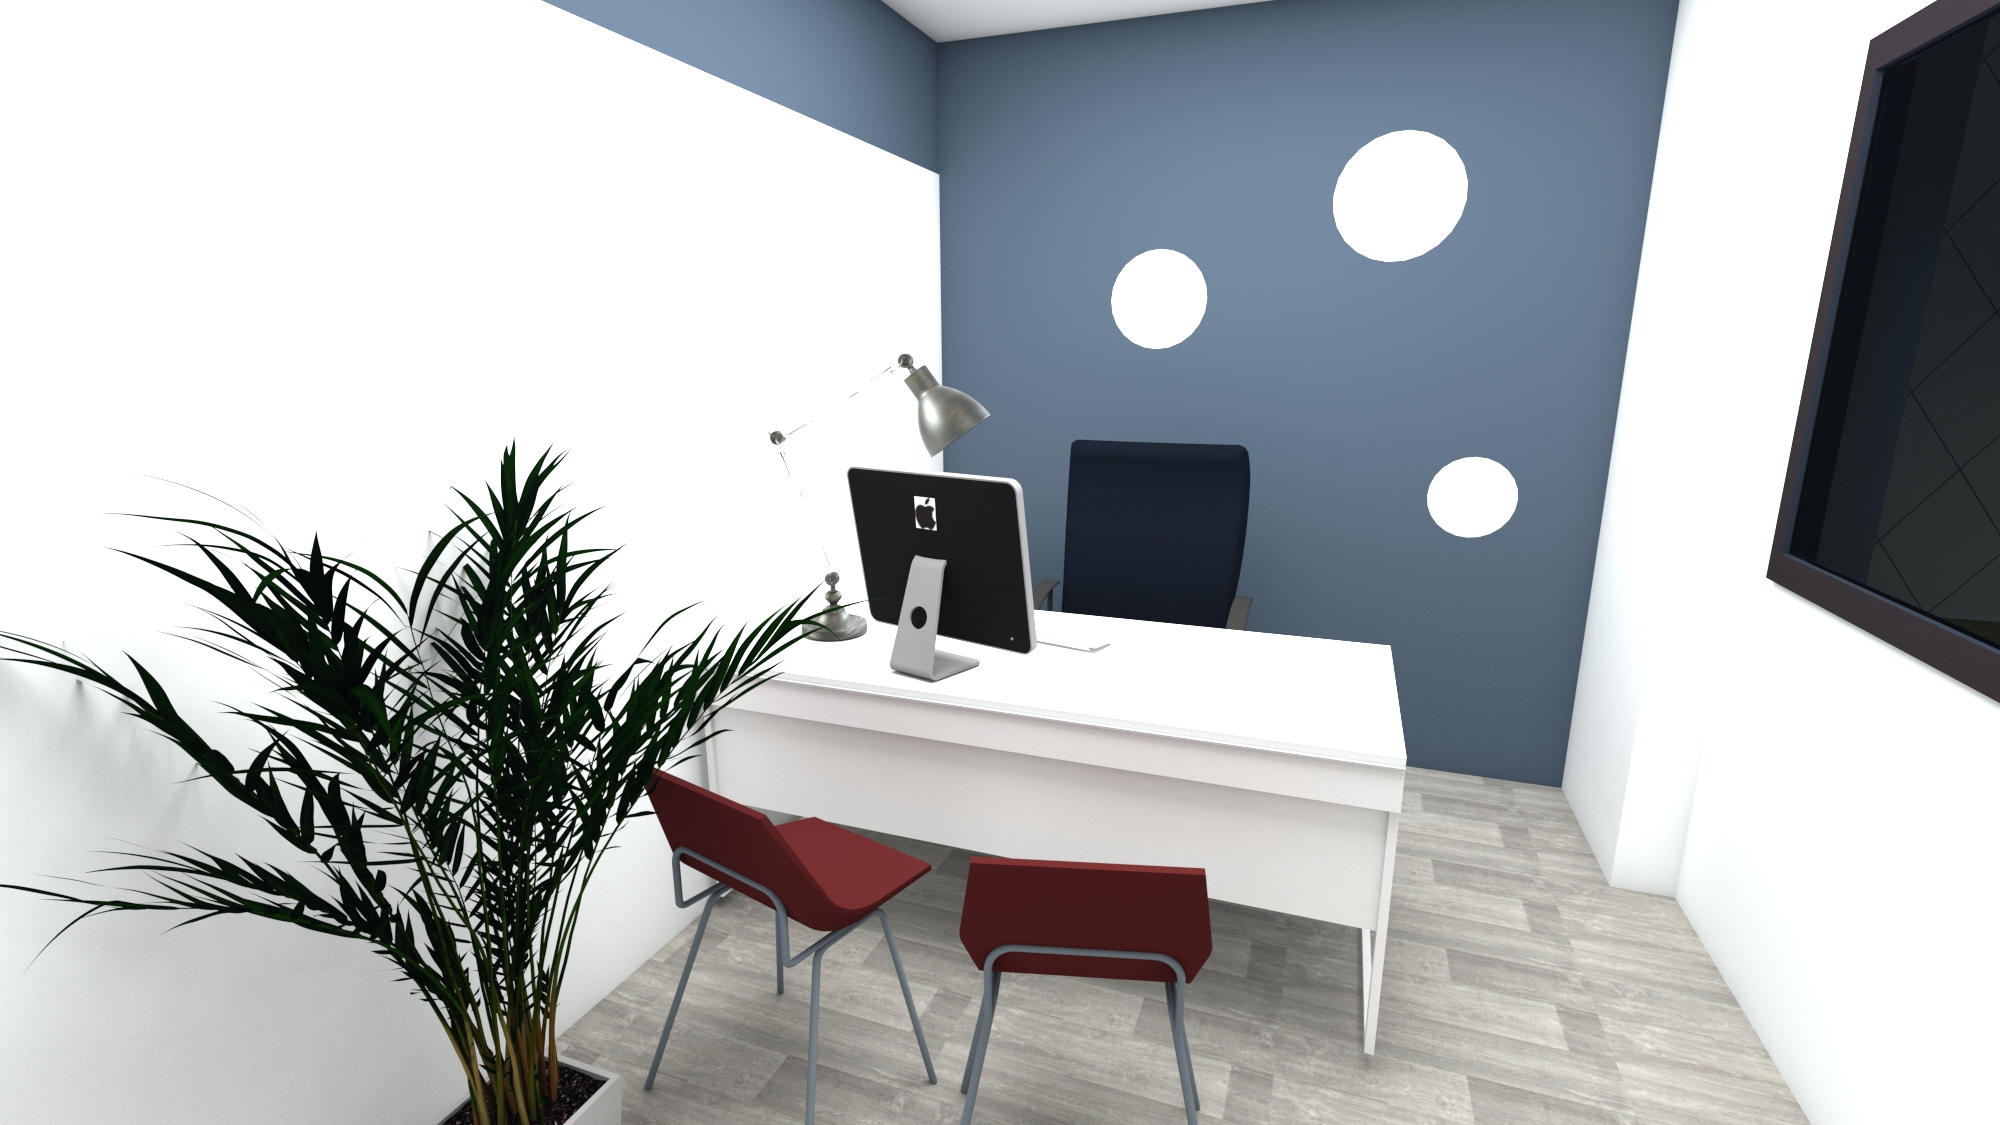 Couleur Peinture Pour Bureau Professionnel décoration bureaux d'une agence d'assurance - picture design